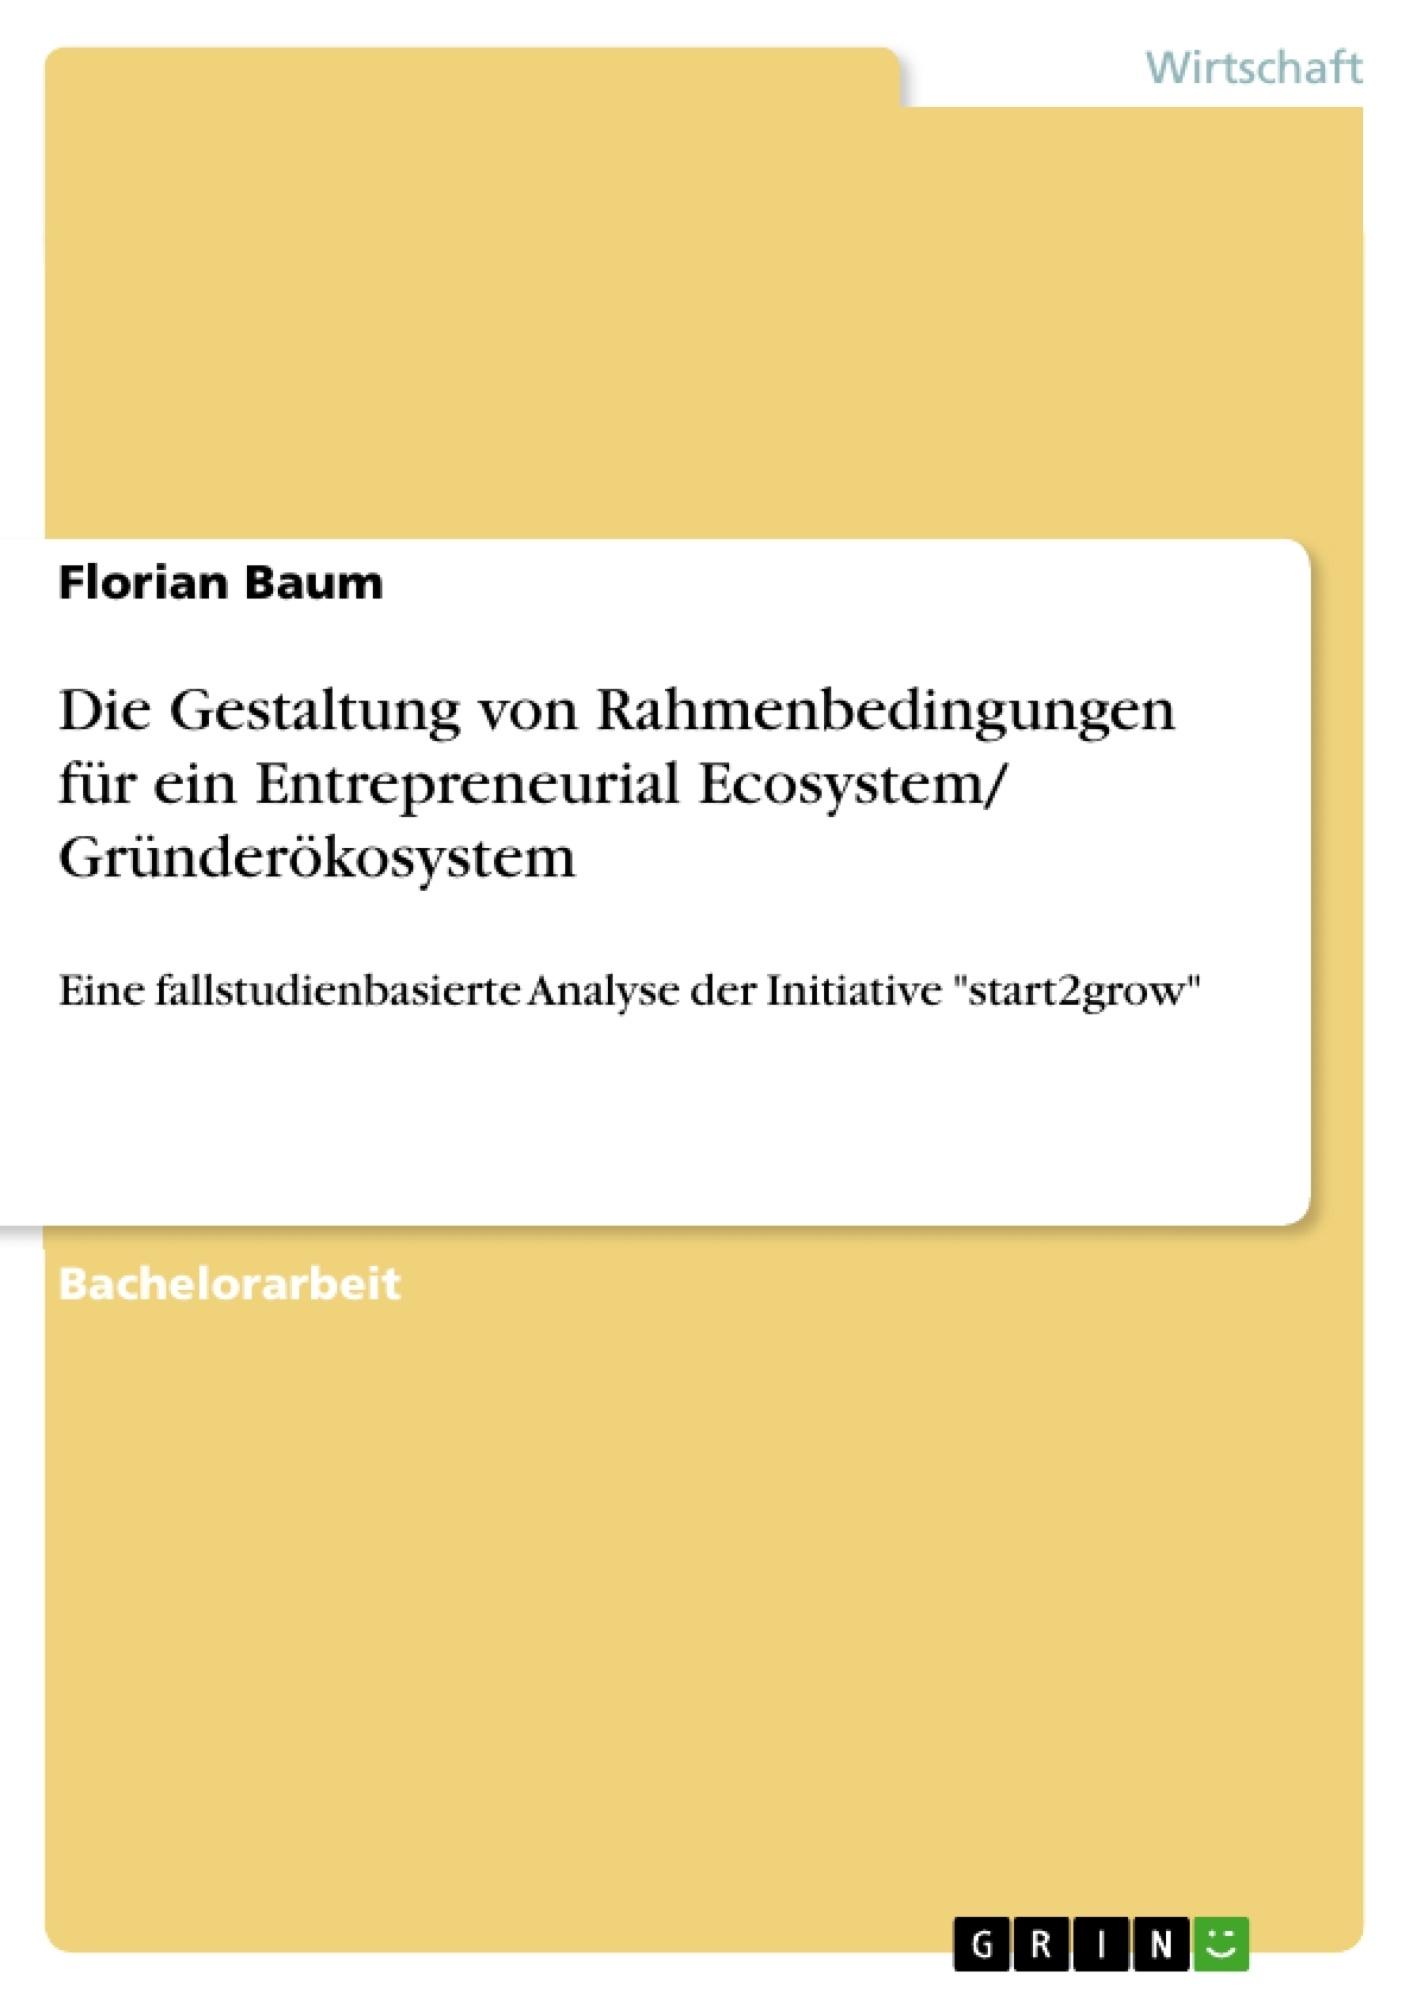 Titel: Die Gestaltung von Rahmenbedingungen für ein Entrepreneurial Ecosystem/ Gründerökosystem